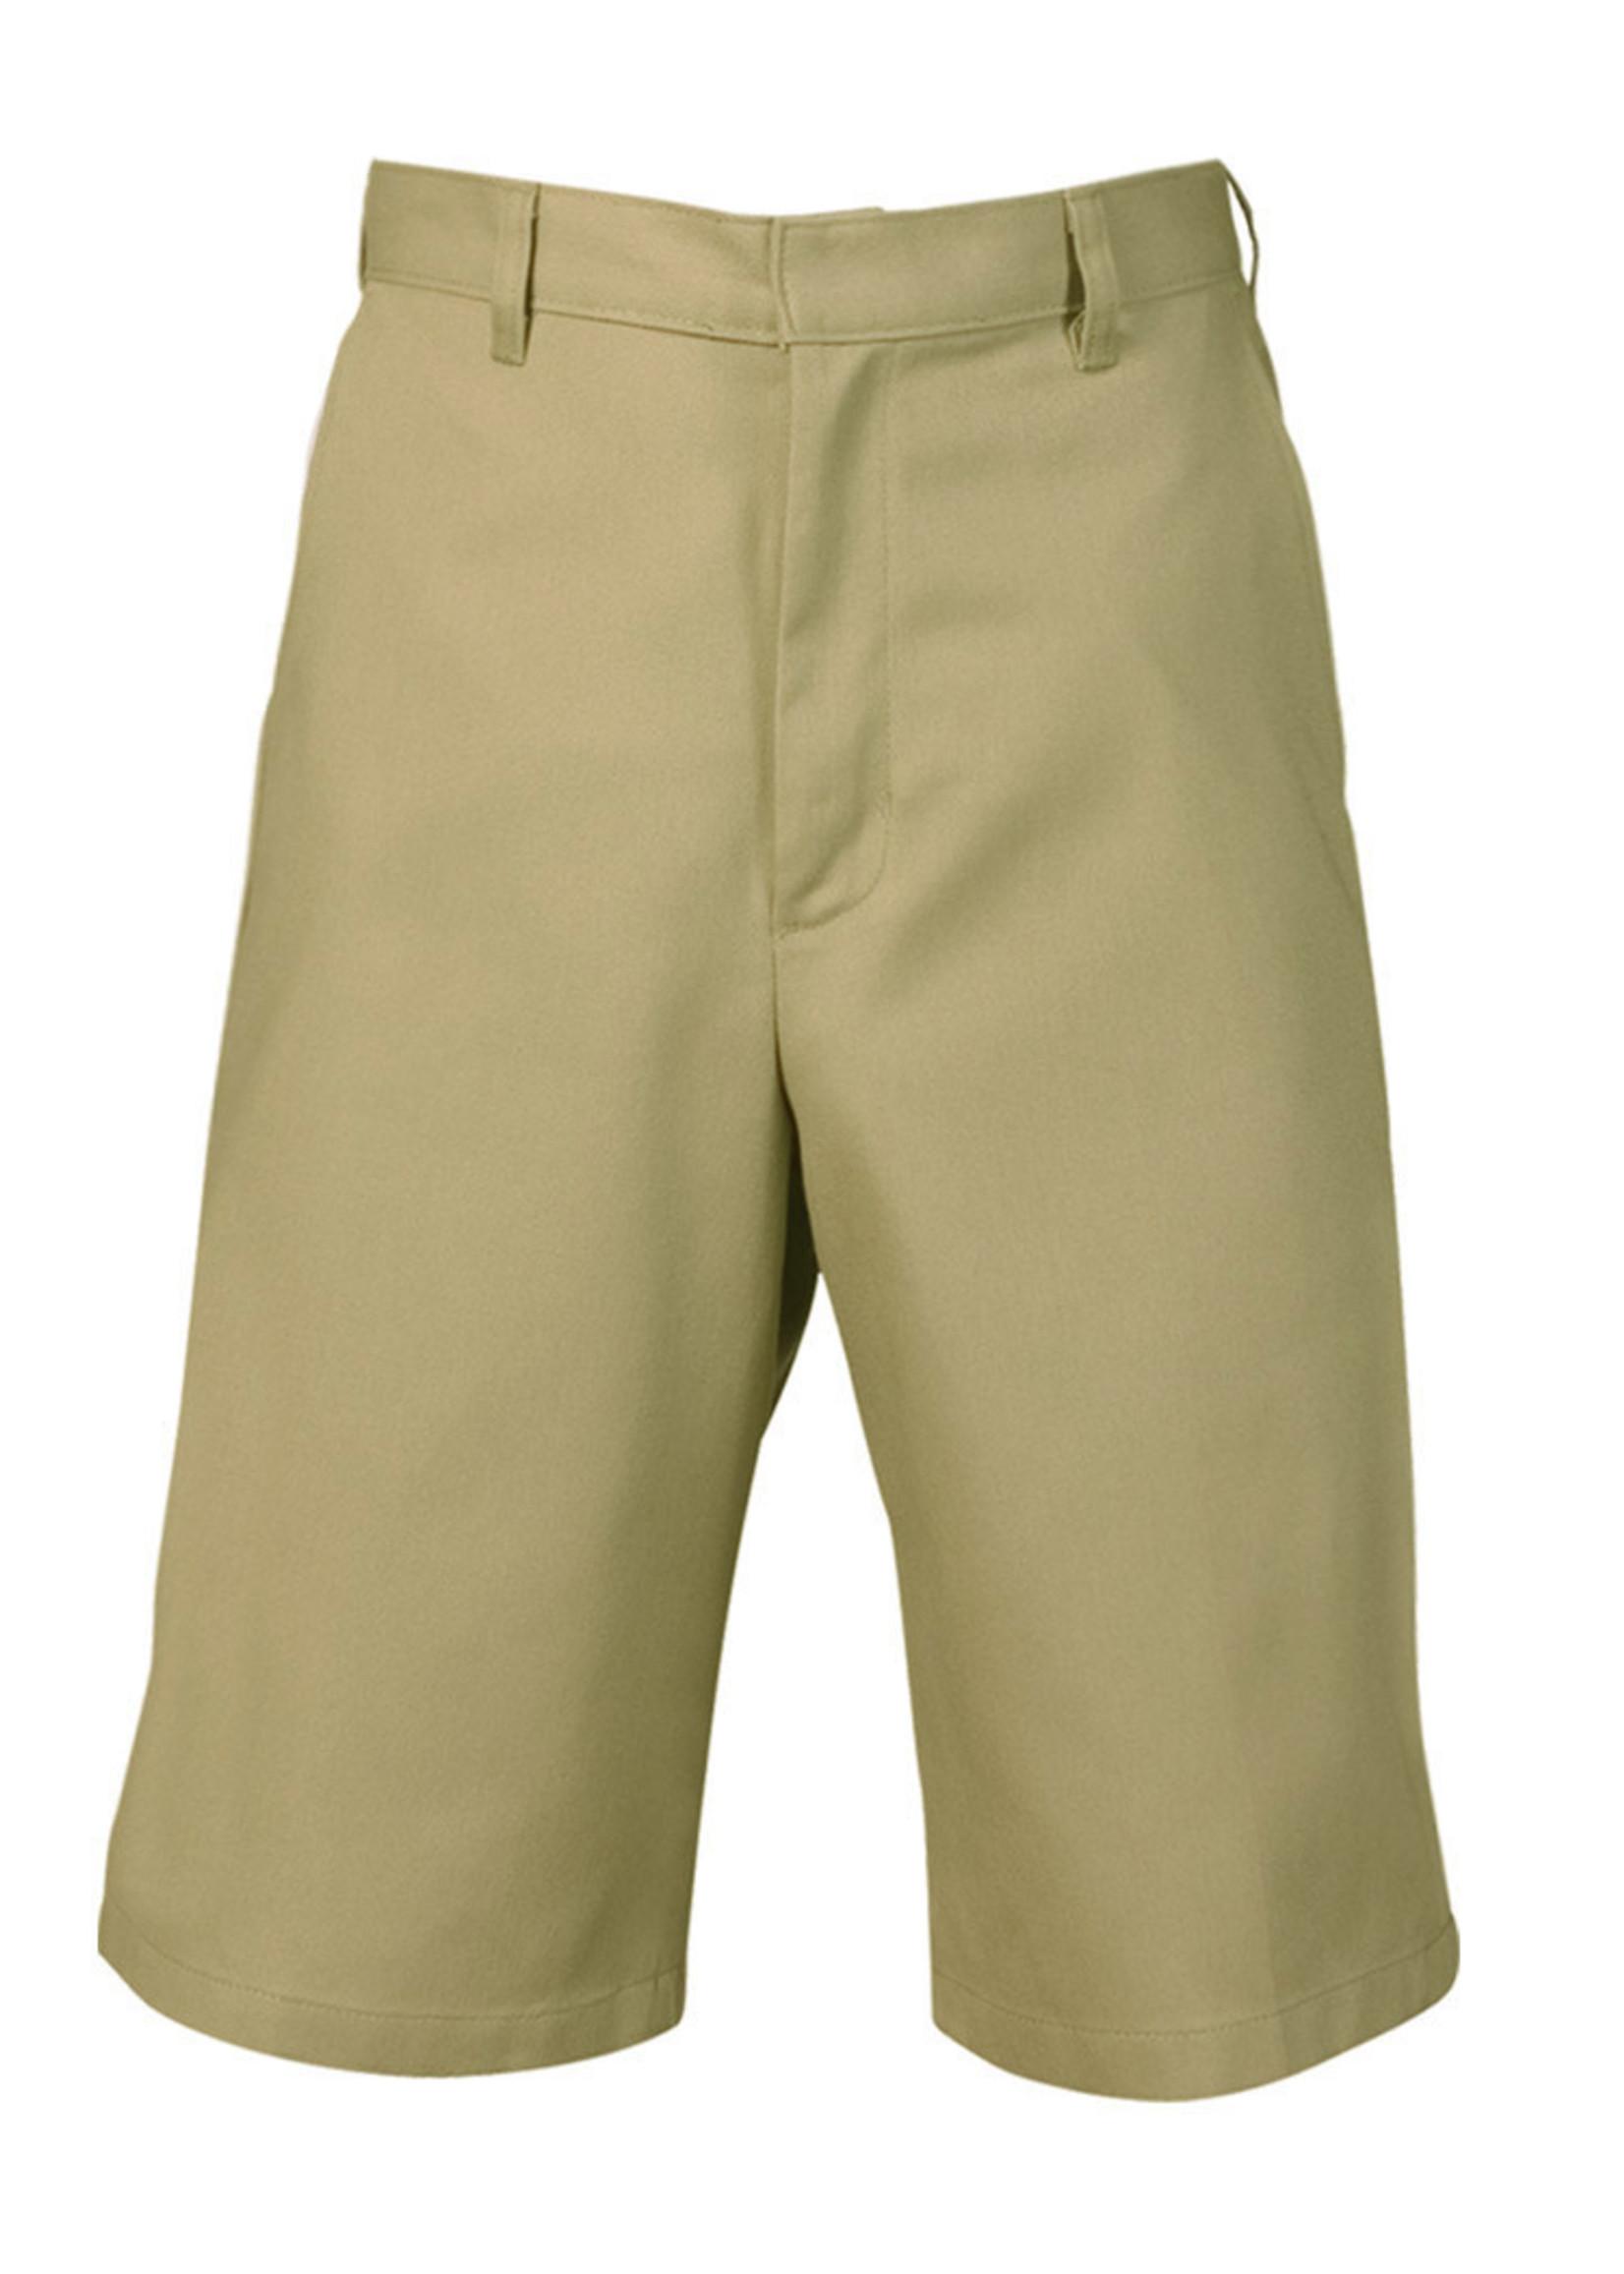 ROCK Mens Flat Front Shorts Mens